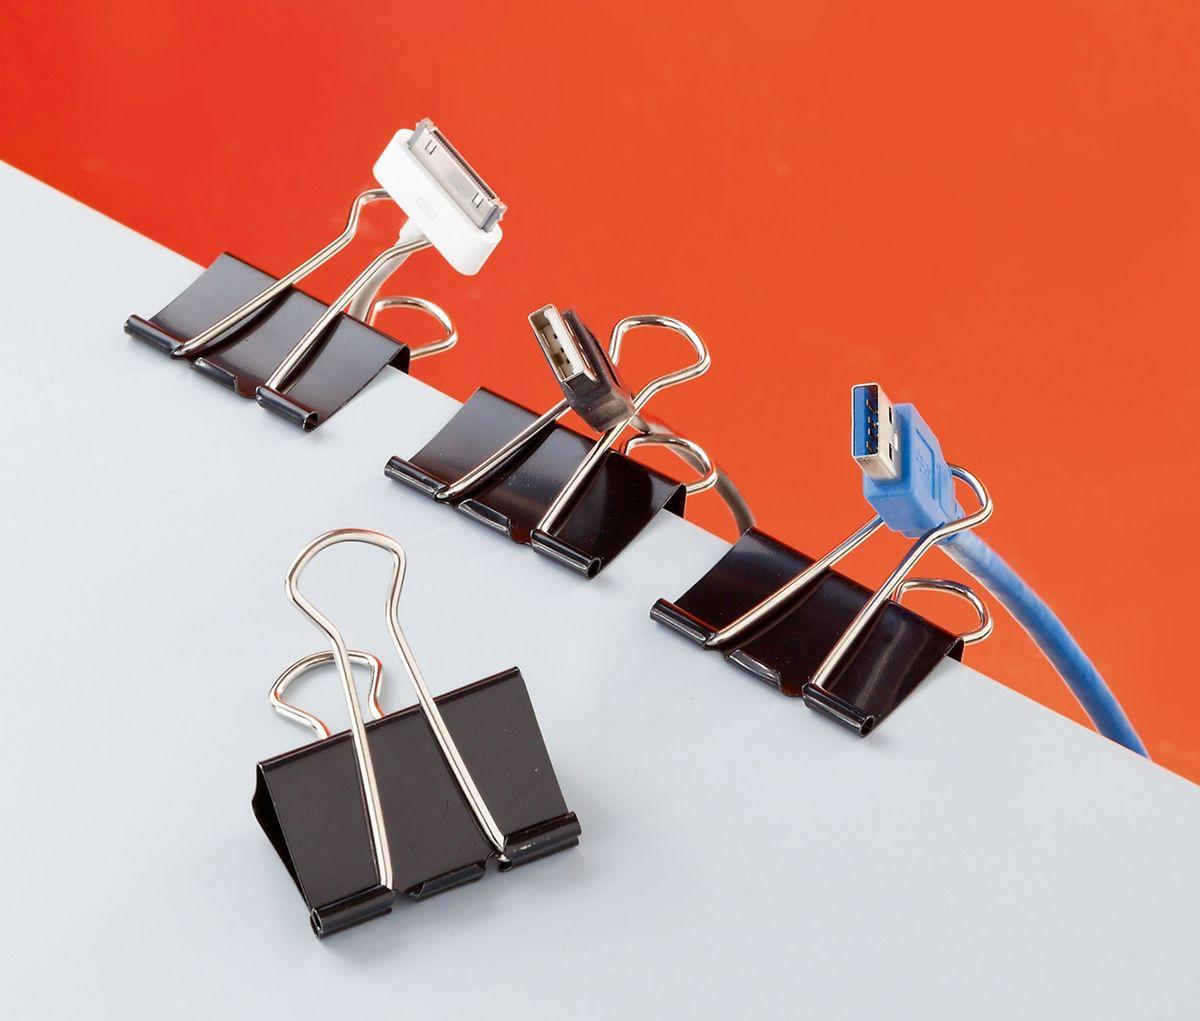 Mit Foldback-Klammern lassen sich die vielen USB-Kabel am Schreibtisch ordnen.